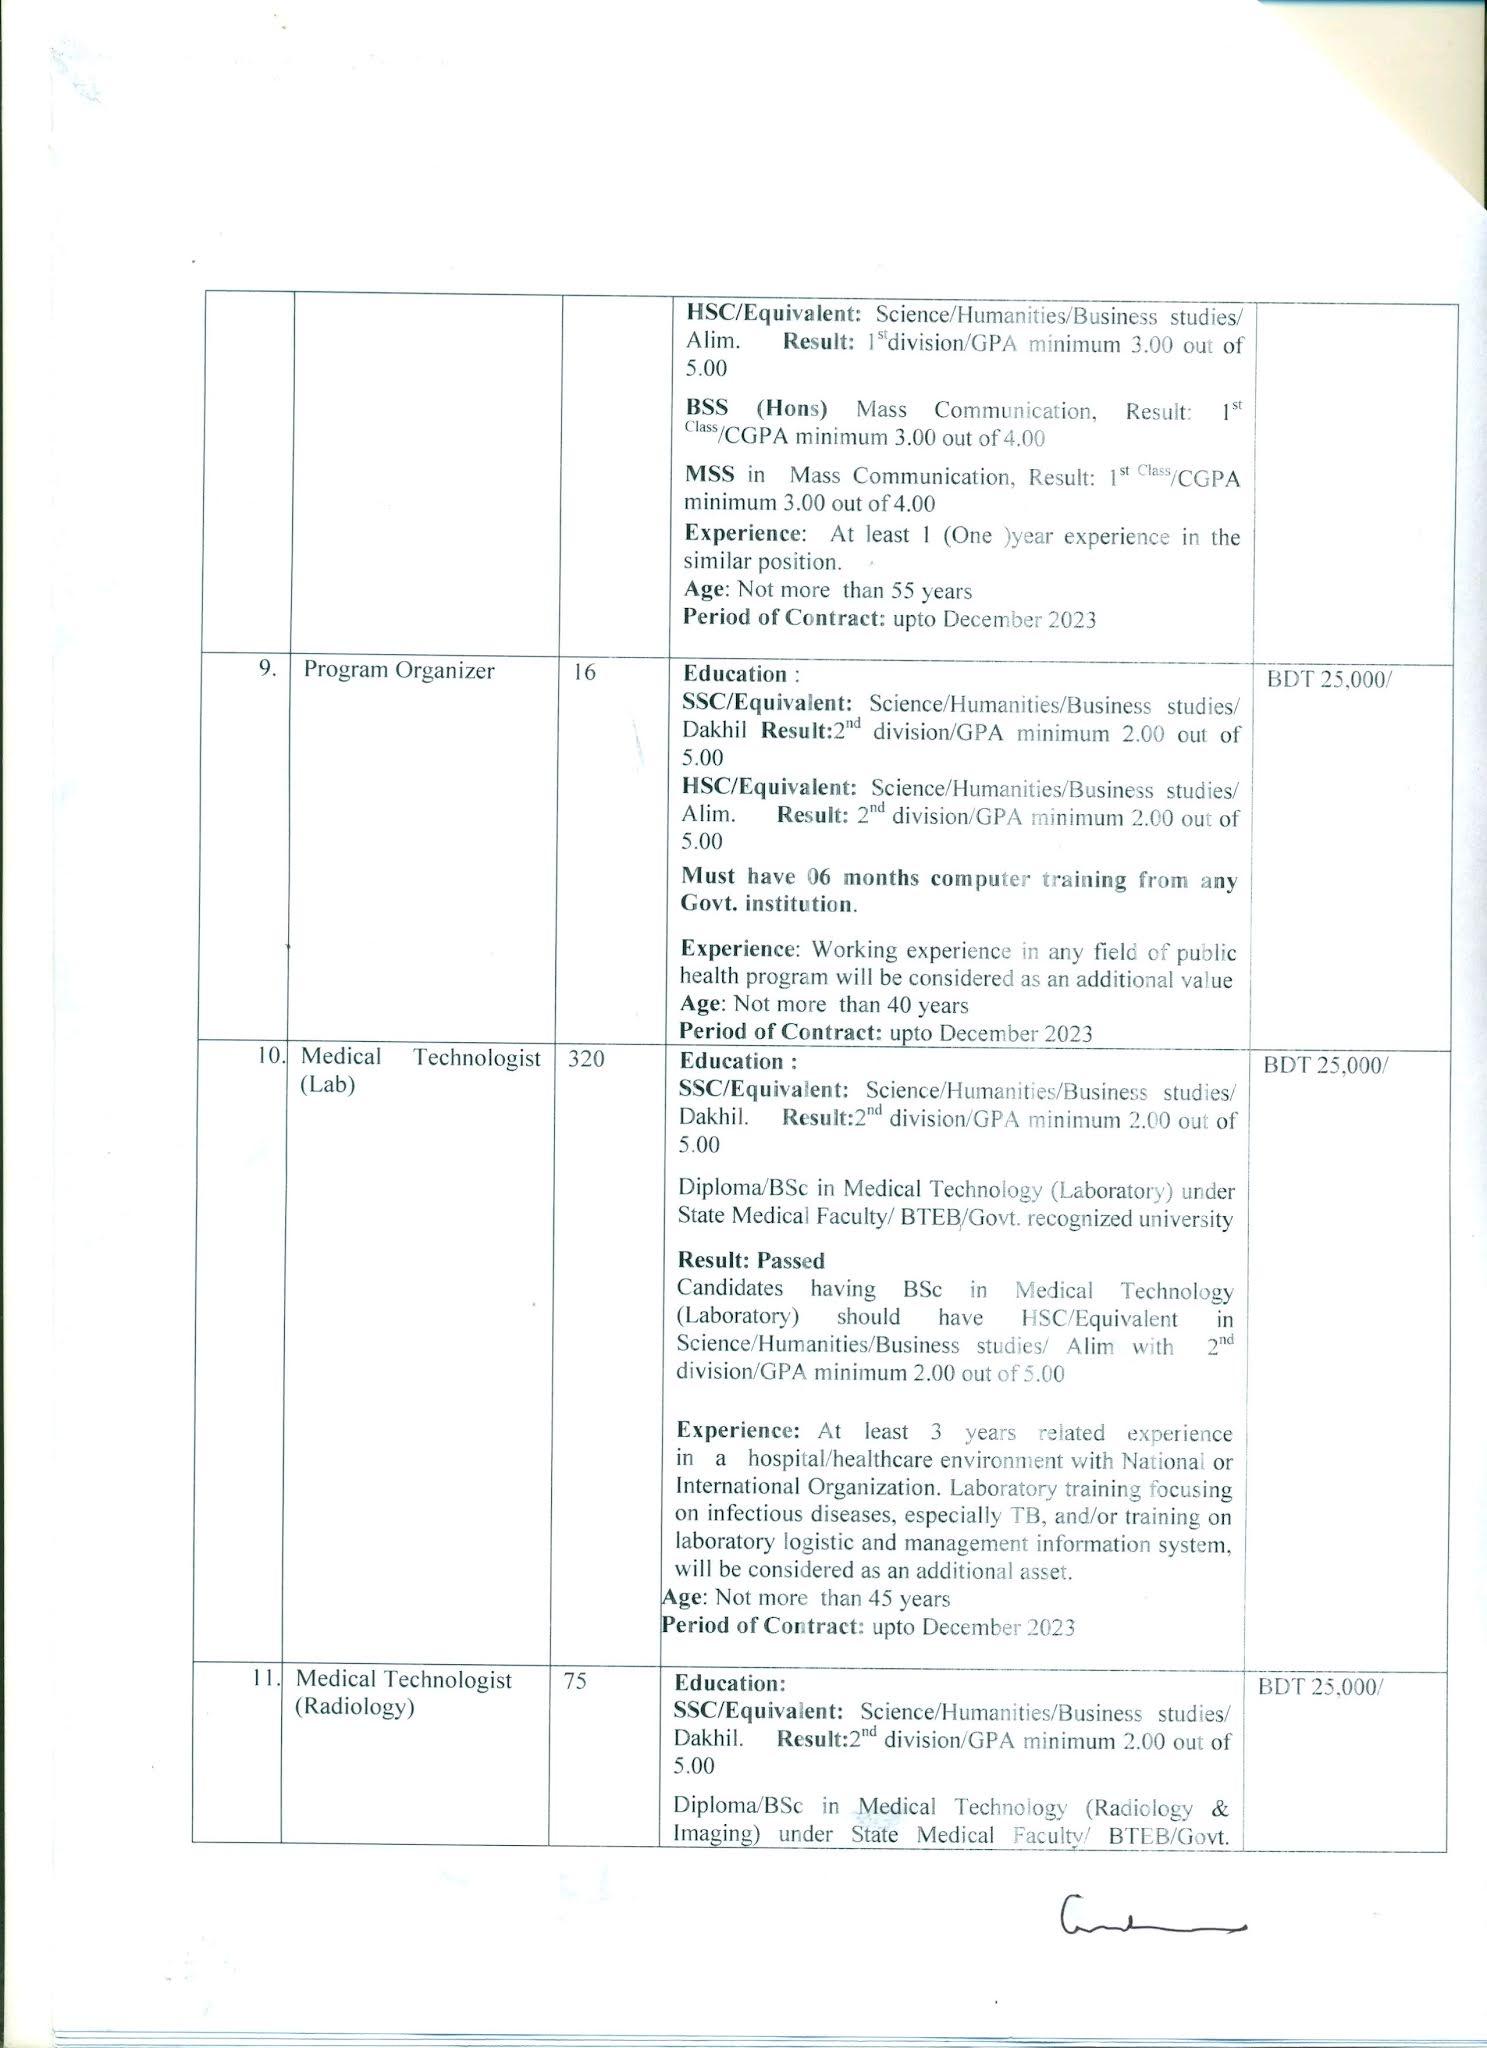 স্বাস্থ্য অধিদপ্তরে নিয়োগ বিজ্ঞপ্তি ২০২১ - Health department Job Circular 2021 - সরকারি চাকরির খবর ২০২১-২০২২